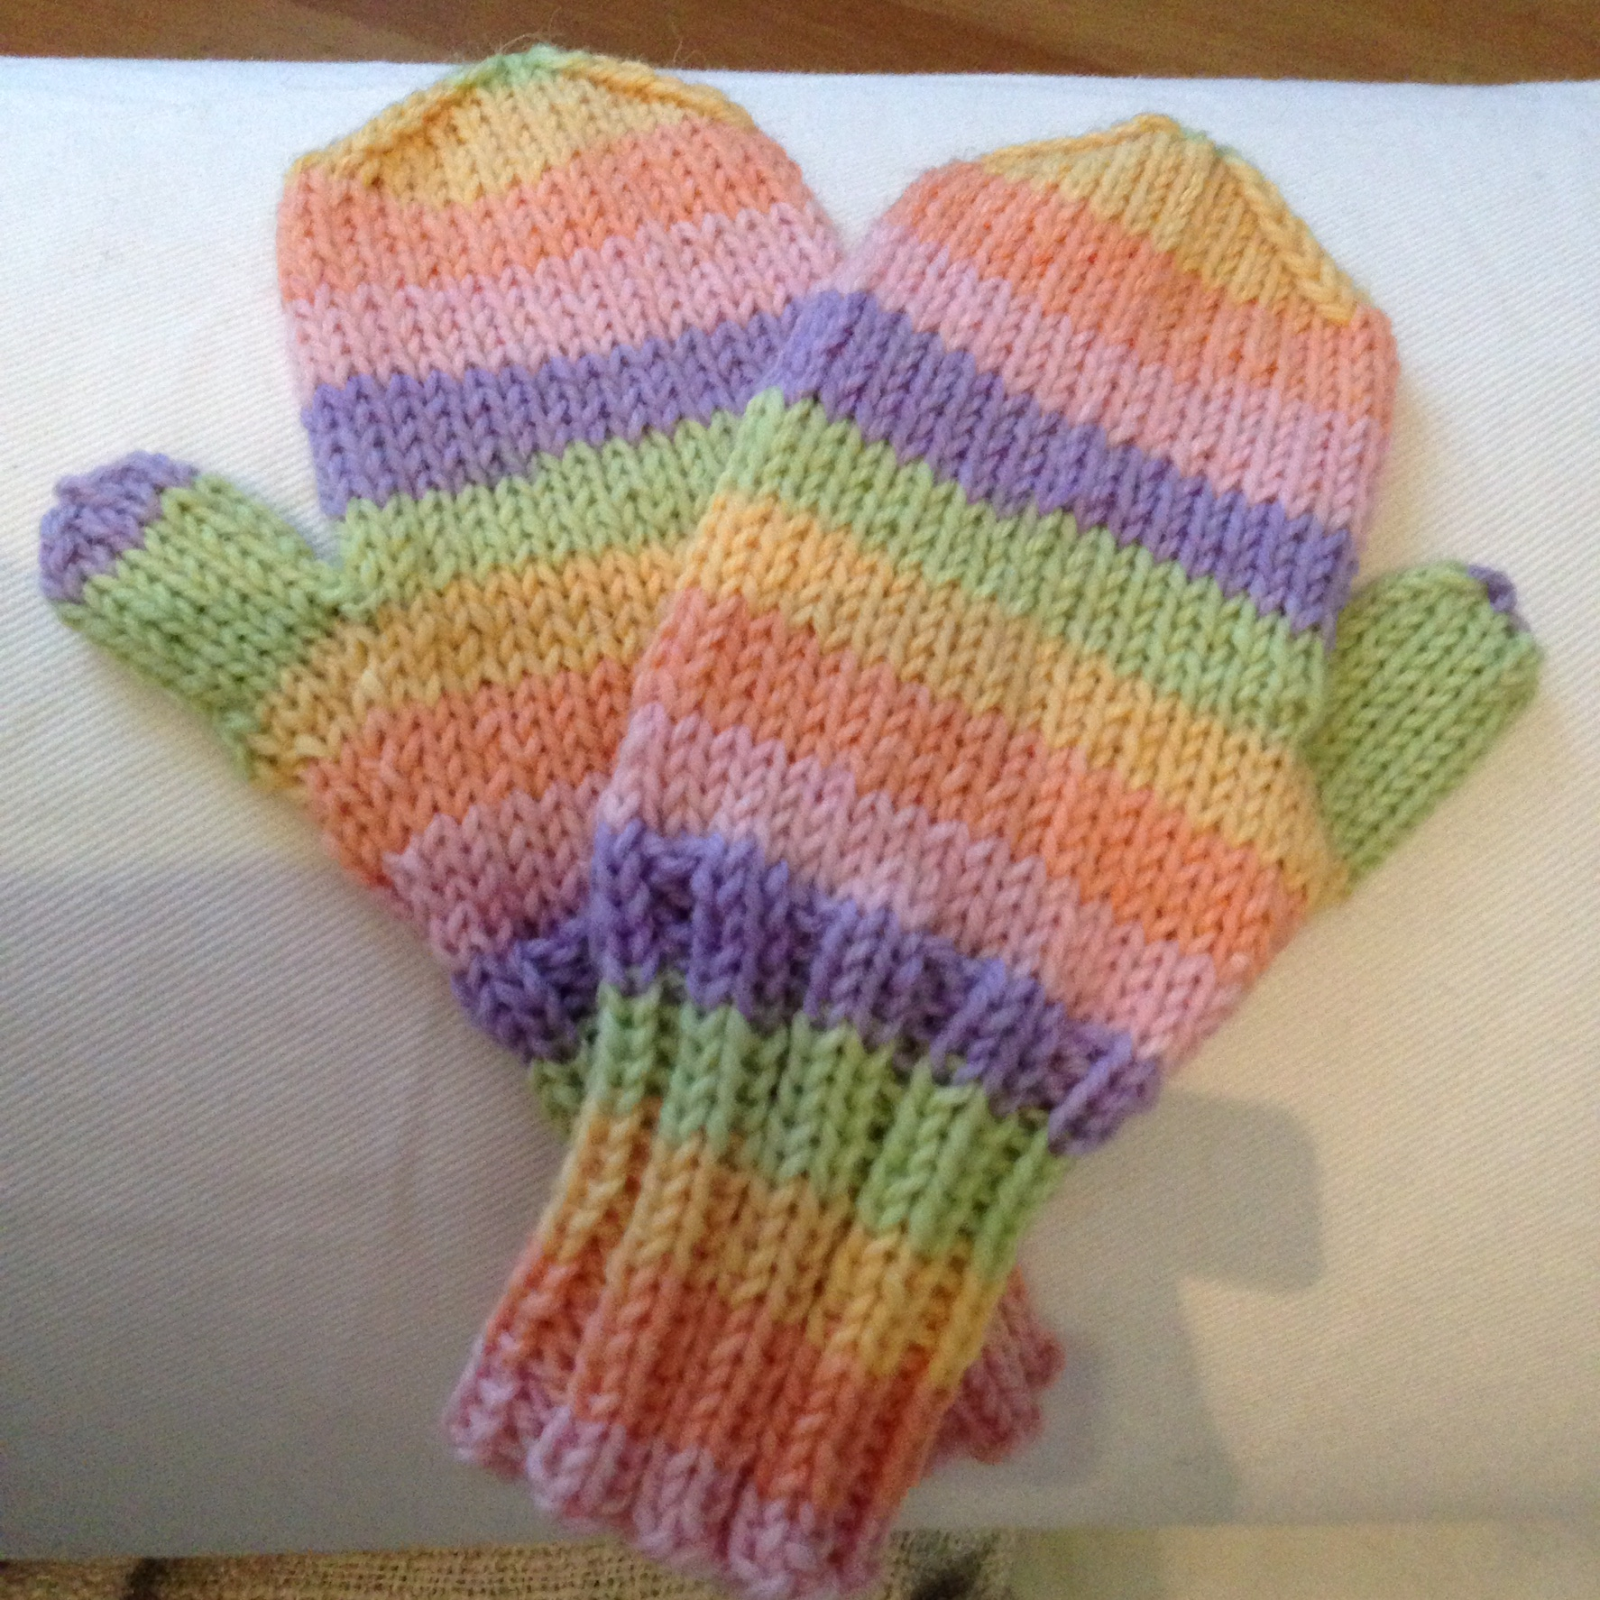 Auttakaa, miten lapsen kädet lämpiminä ulkona kovalla pakkasella?